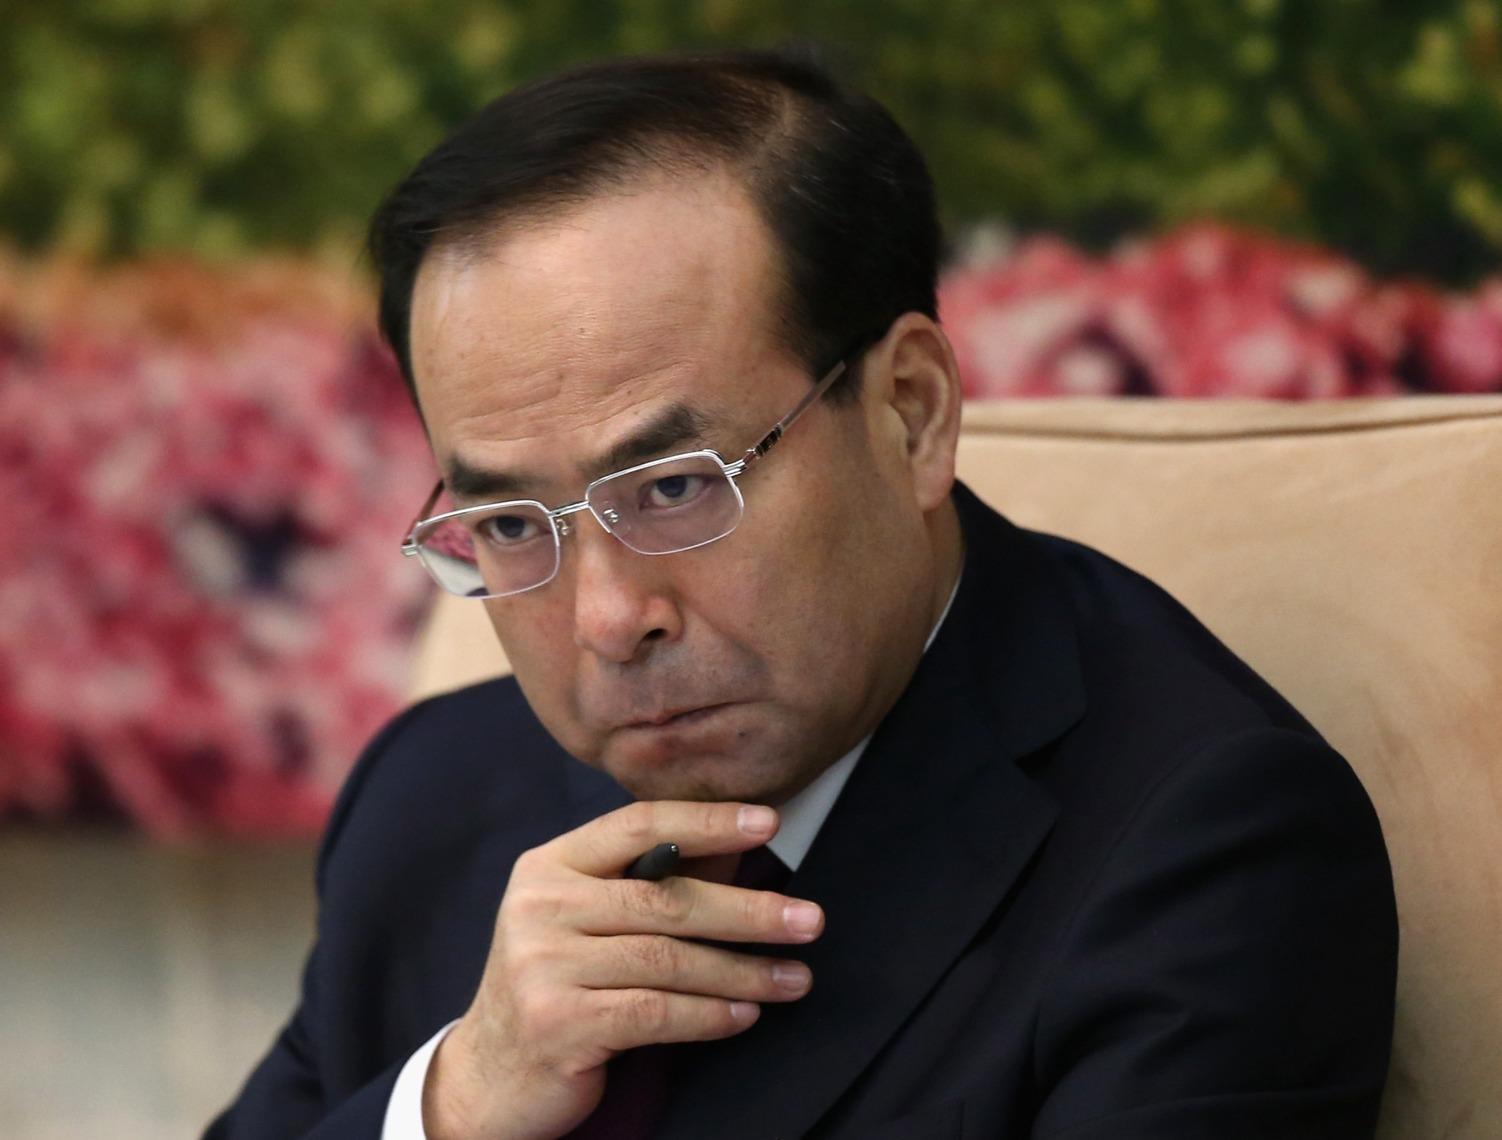 中央政治局委员孙政才涉嫌严重违纪被立案审查